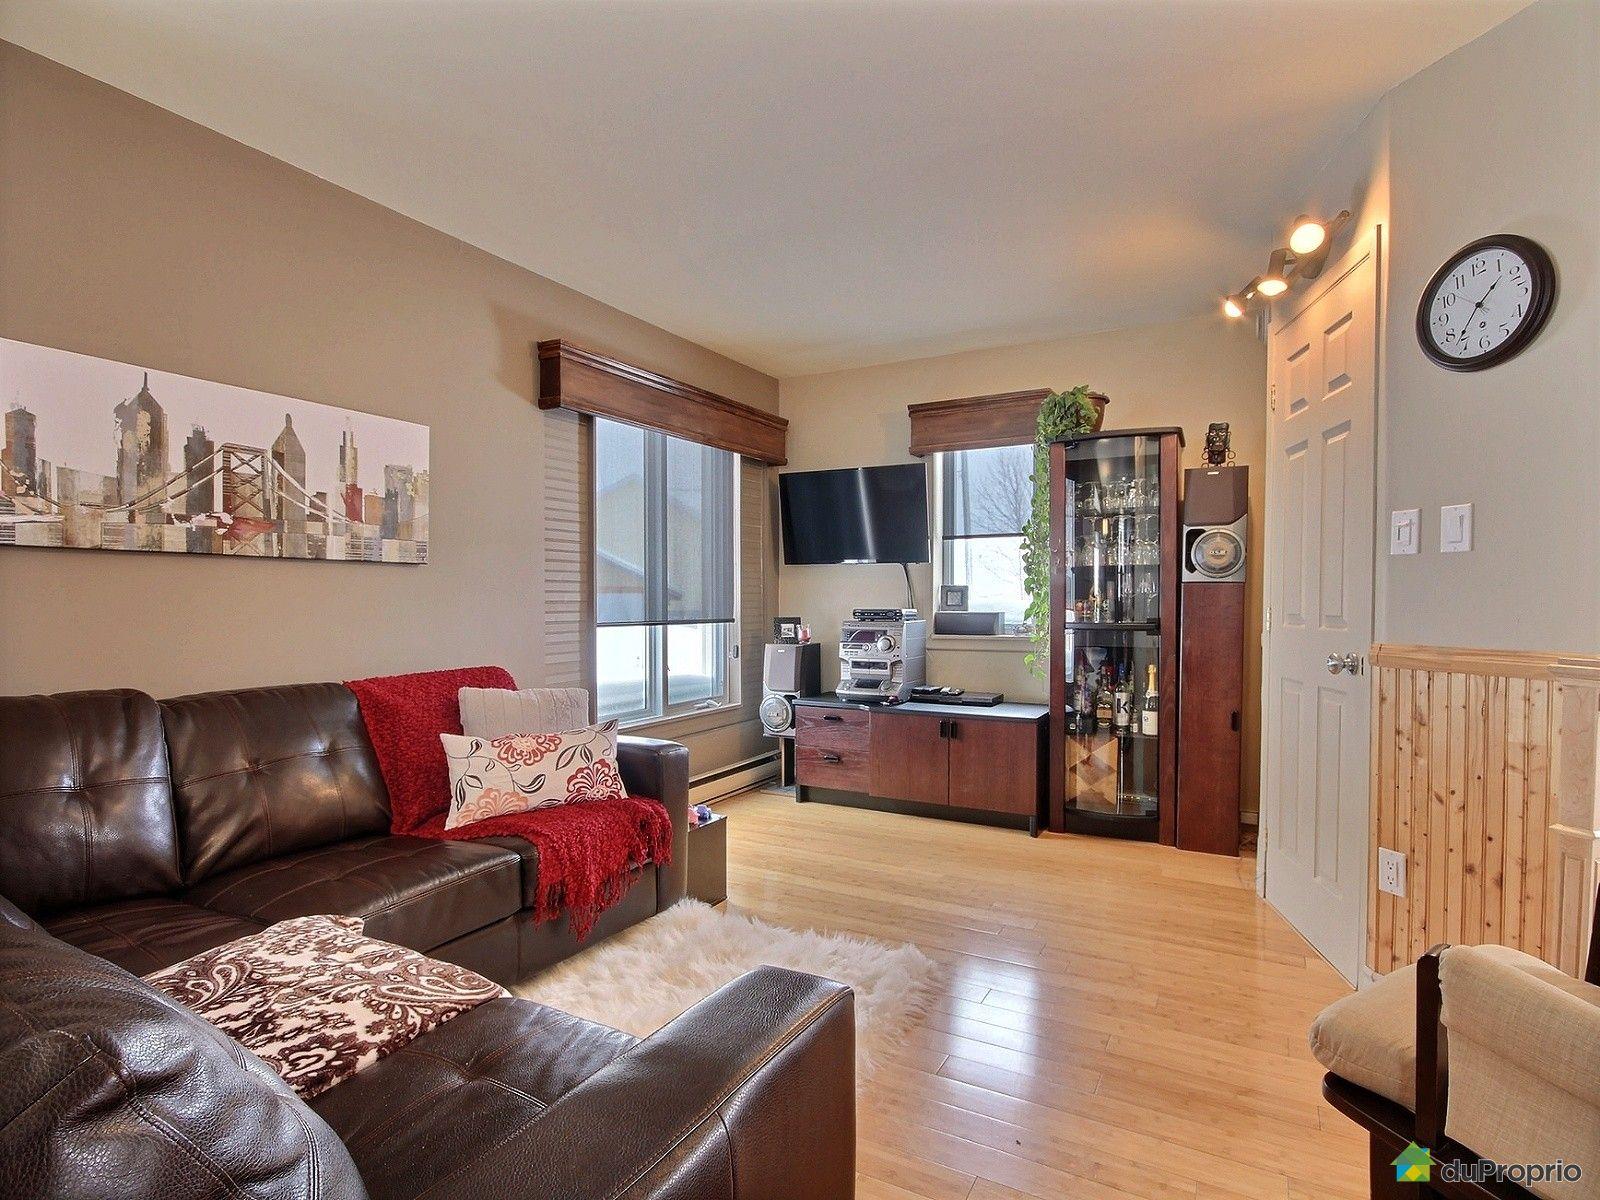 bungalow sur lev vendre rimouski 338 avenue du bois joli immobilier qu bec duproprio 686085. Black Bedroom Furniture Sets. Home Design Ideas